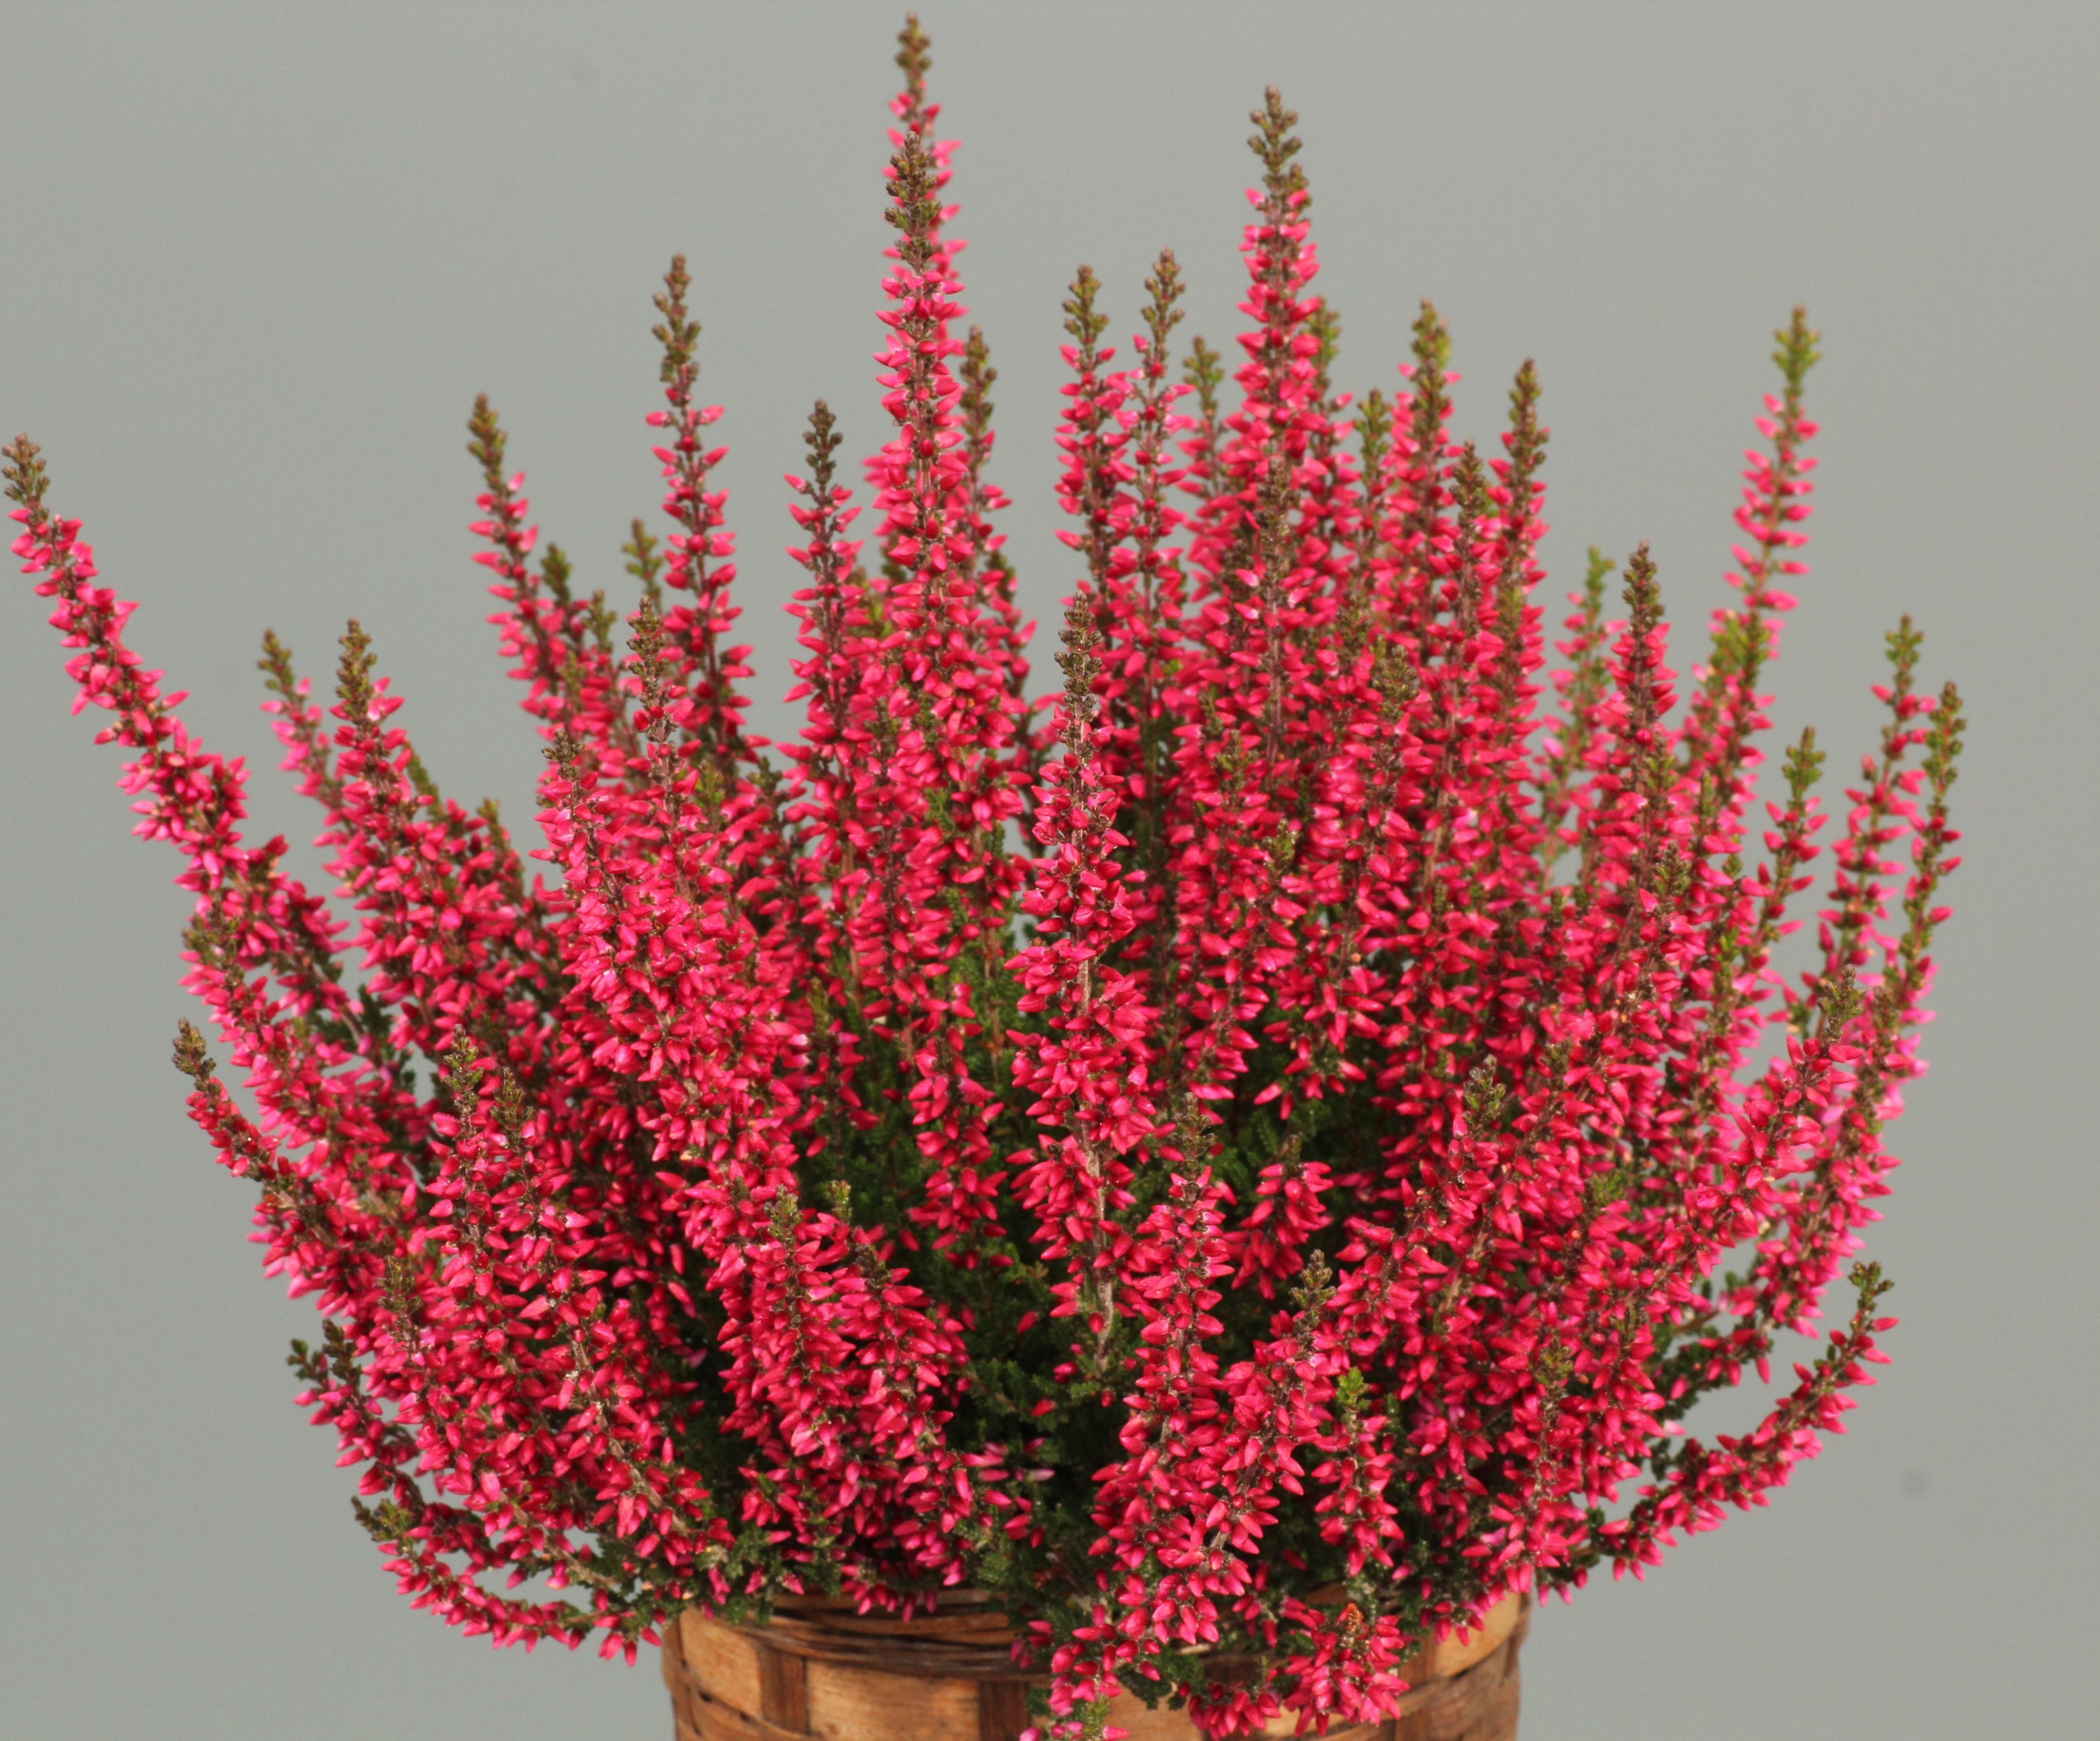 Knospenheide (Calluna) Gardengirls® Athene - leuchtend rot